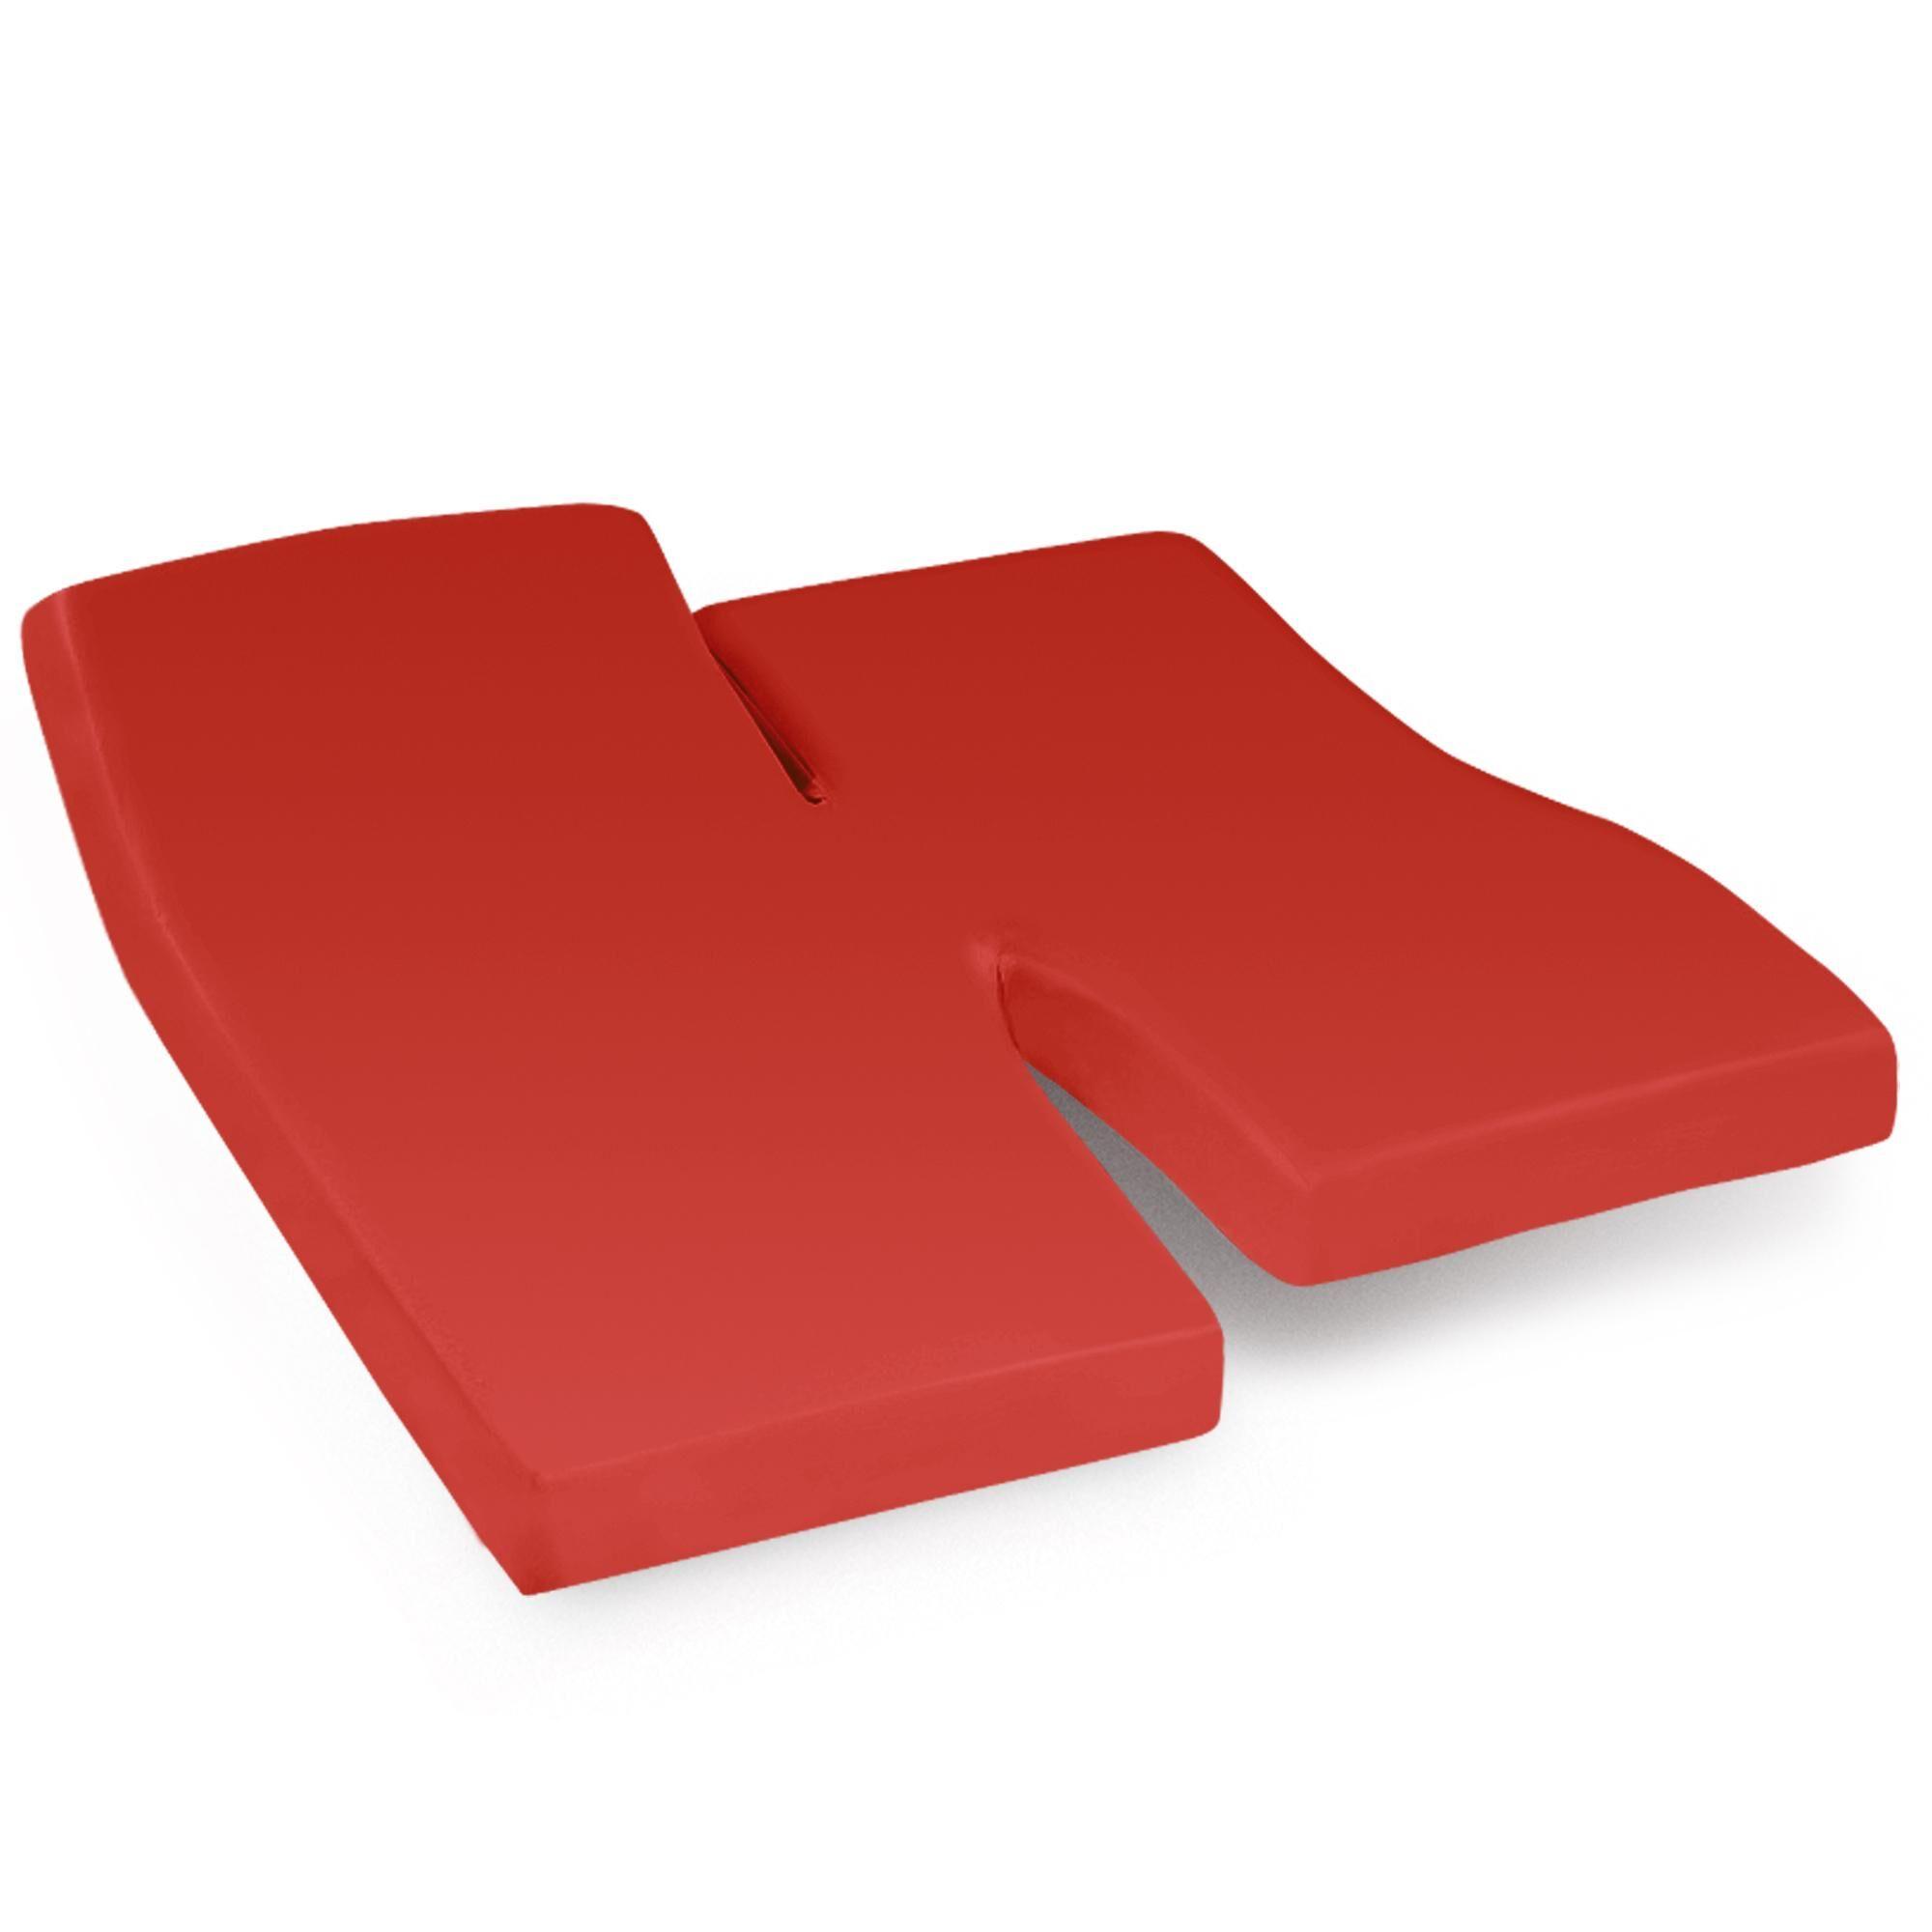 Linnea Drap housse relaxation uni 2x90x200 cm 100% coton ALTO orange Baie de Goji TPR Tête et pied relevable